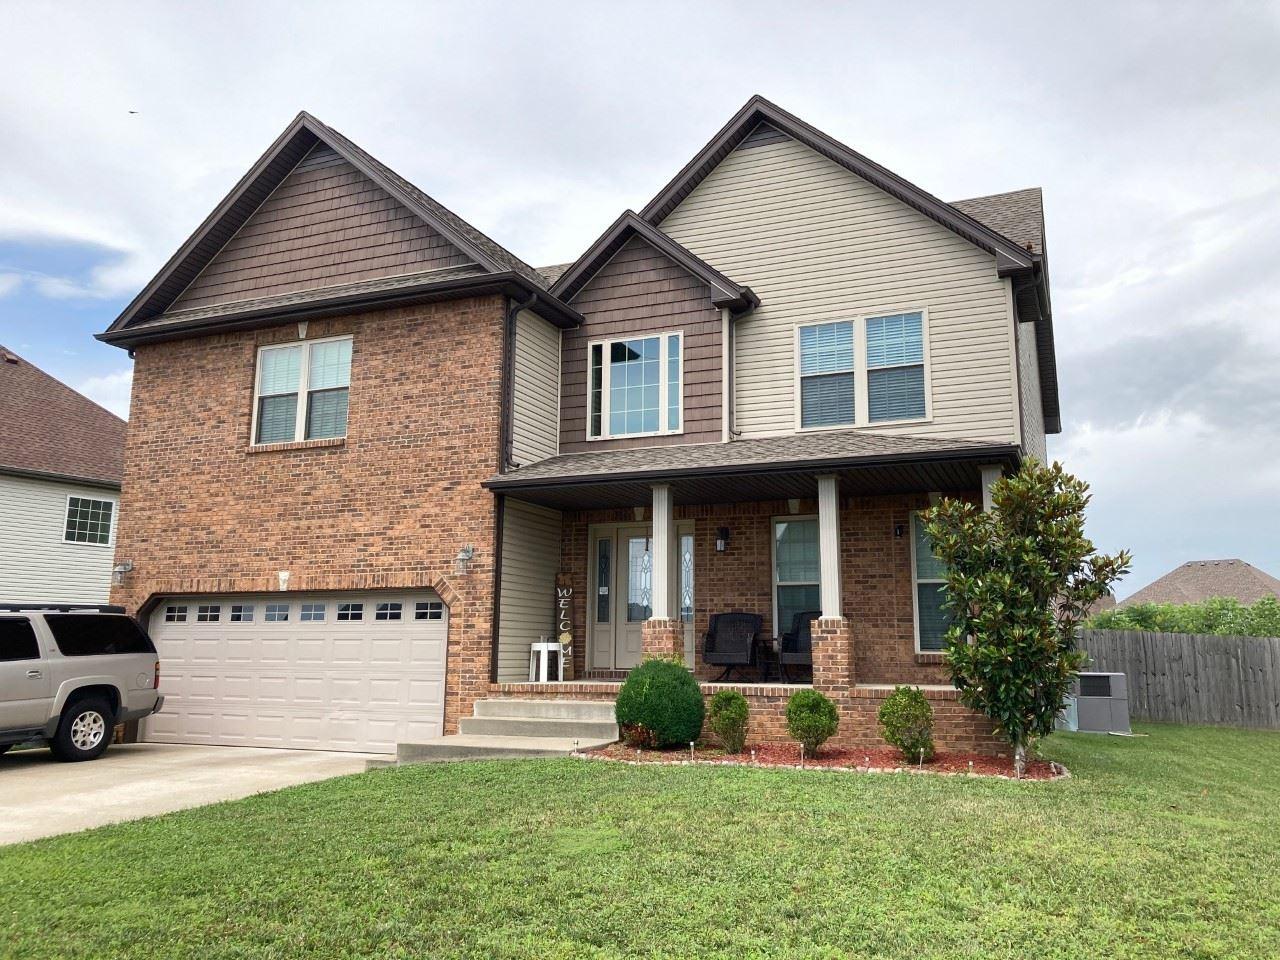 1789 Autumnwood Blvd, Clarksville, TN 37042 - MLS#: 2219018